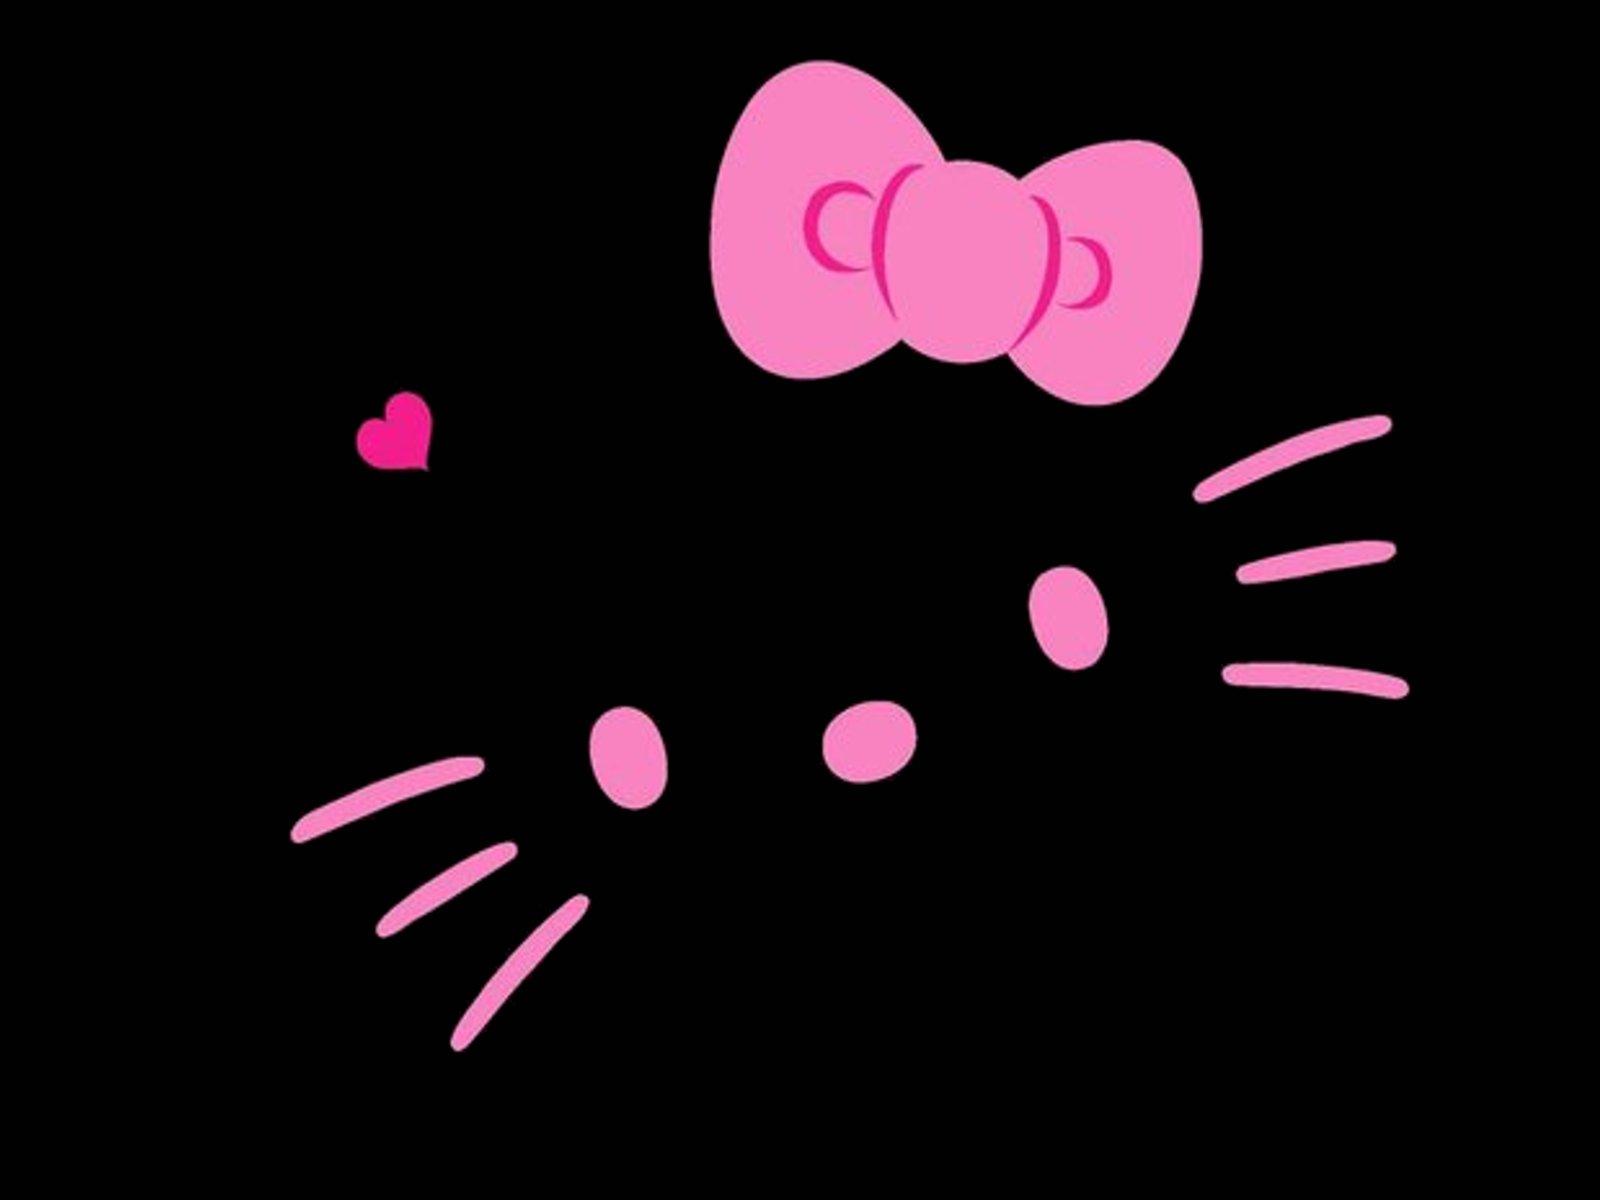 Hd Wallpapers Hd Hello Kitty Wallpaper Cute